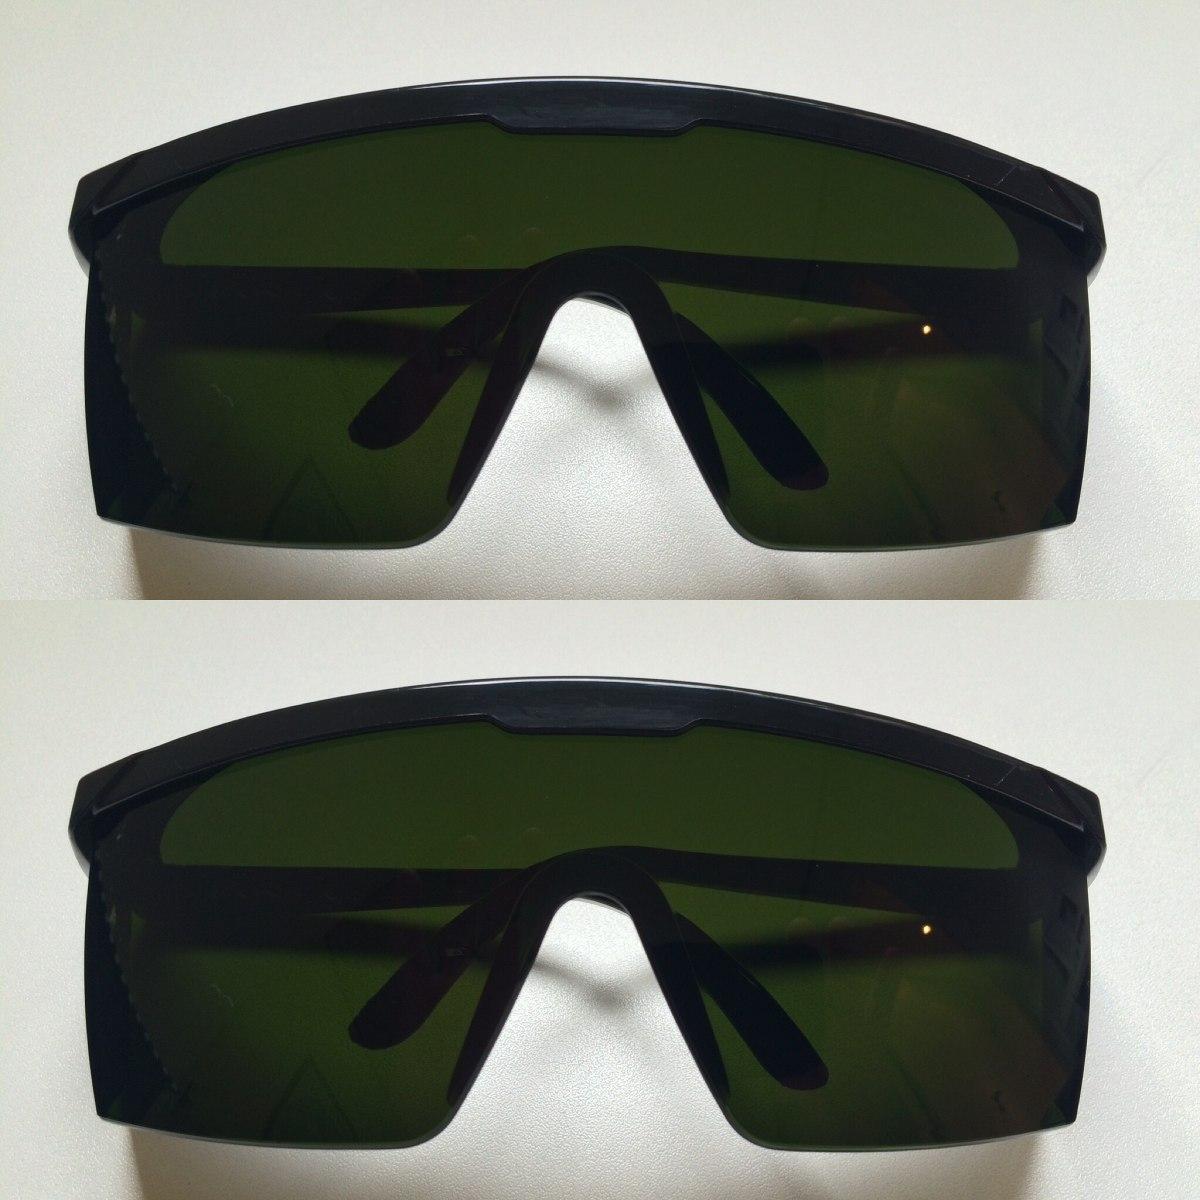 d233b4632 Oculos De Proteção Contra Raio Laser E Ipl - R$ 102,00 em Mercado Livre